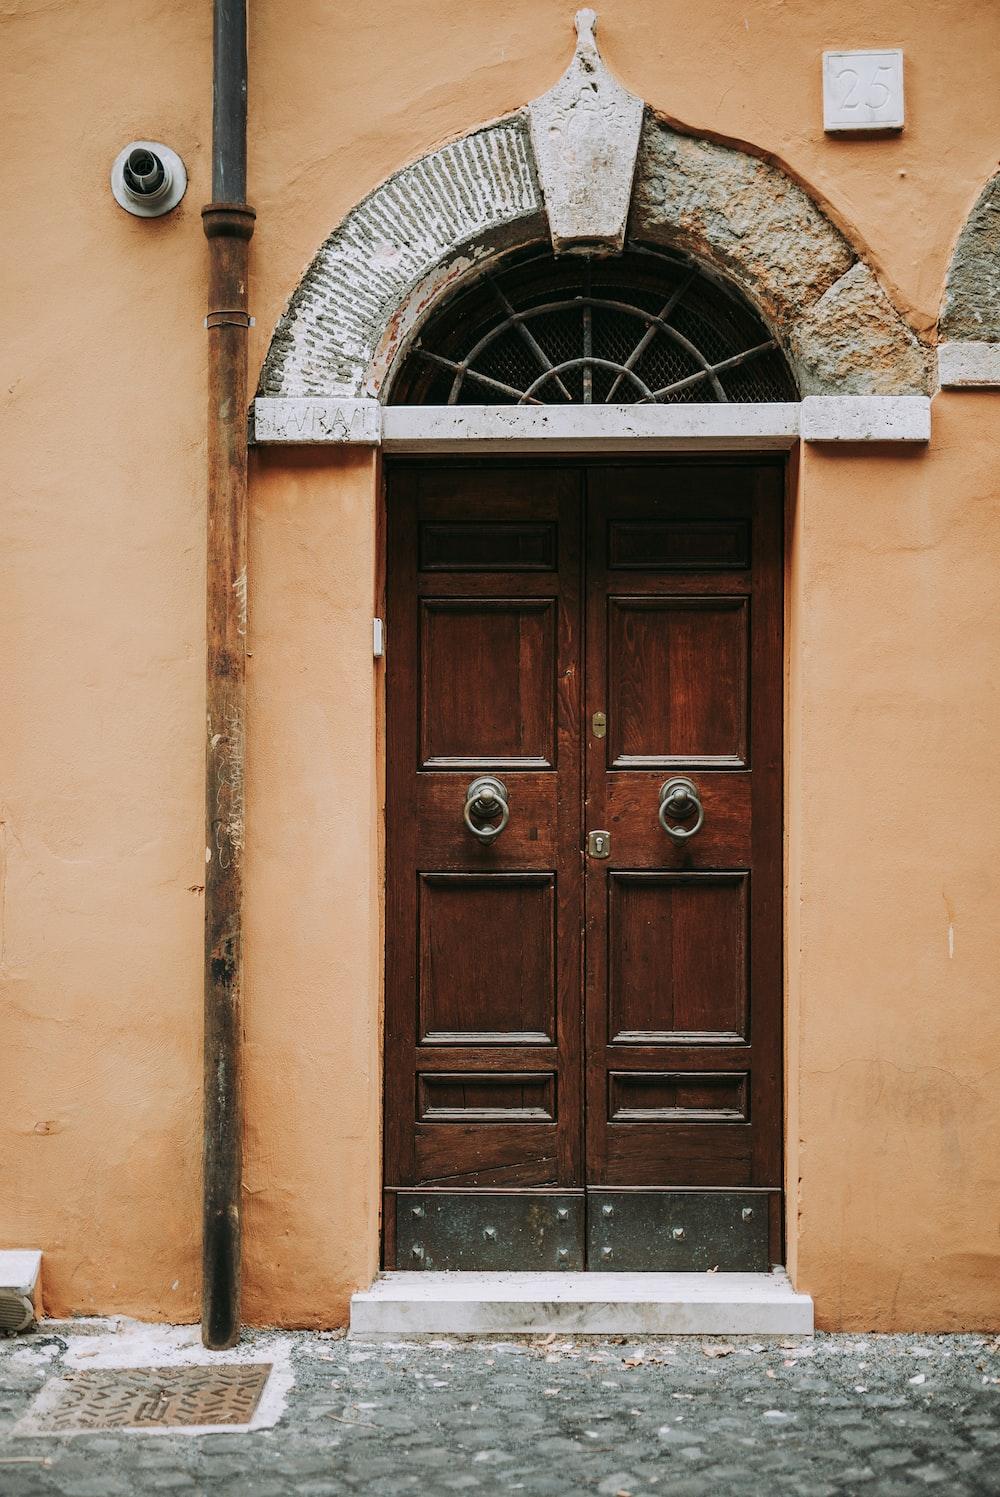 brown wooden door on beige concrete building